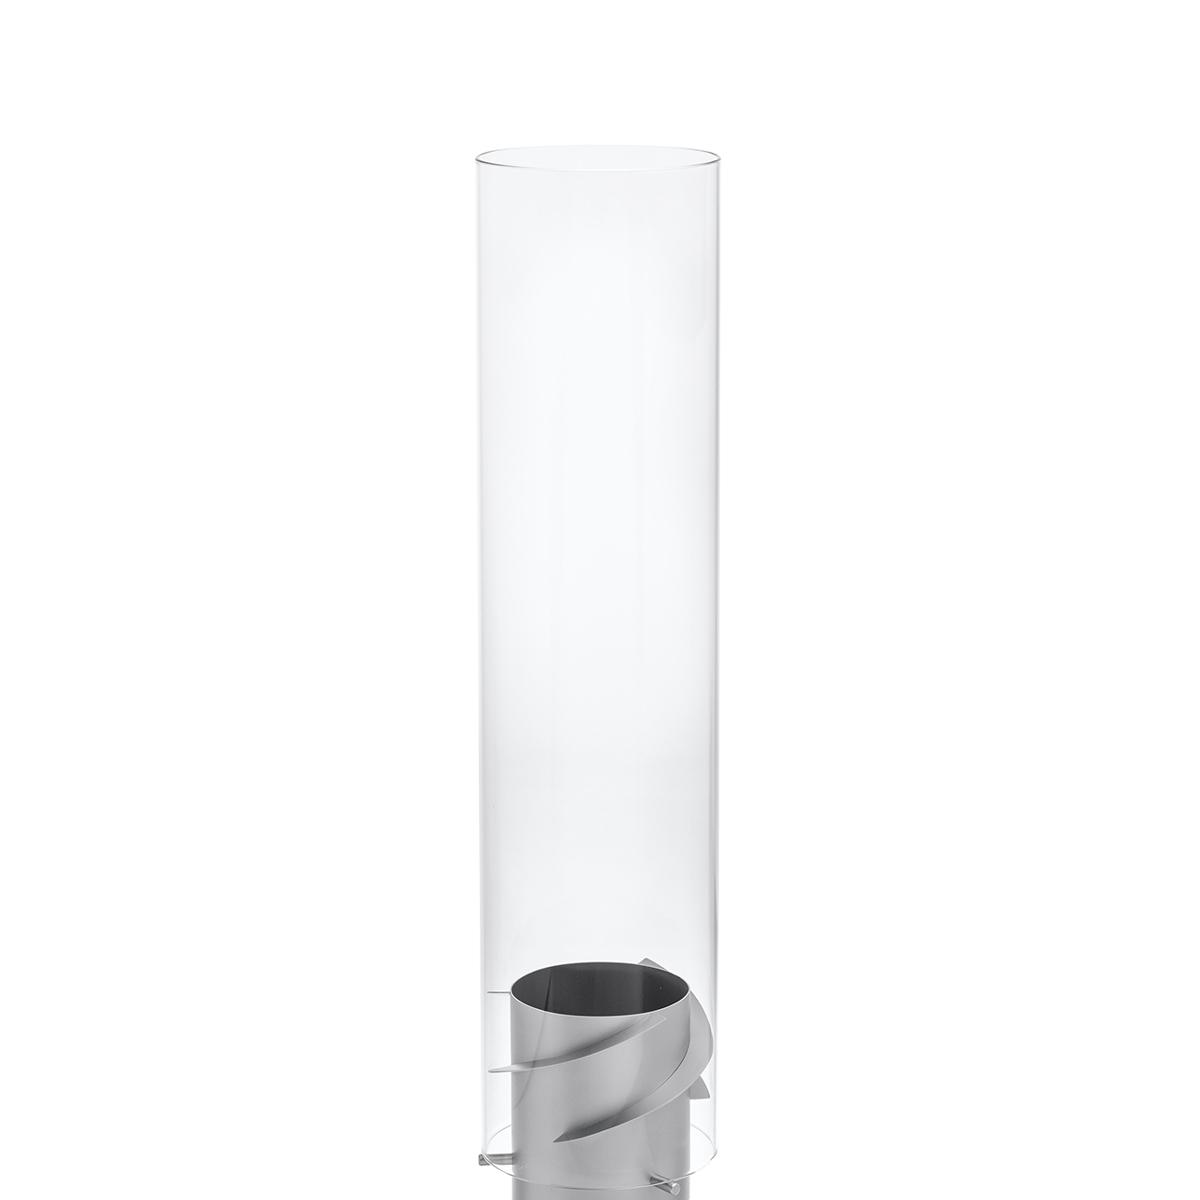 乾杯のあとは…「旋回ファイヤー!」 《オプション/交換用ガラスカバー》万が一の破損時や予備パーツとして、「SPIN」専用の耐熱ガラス製カバー Höfats